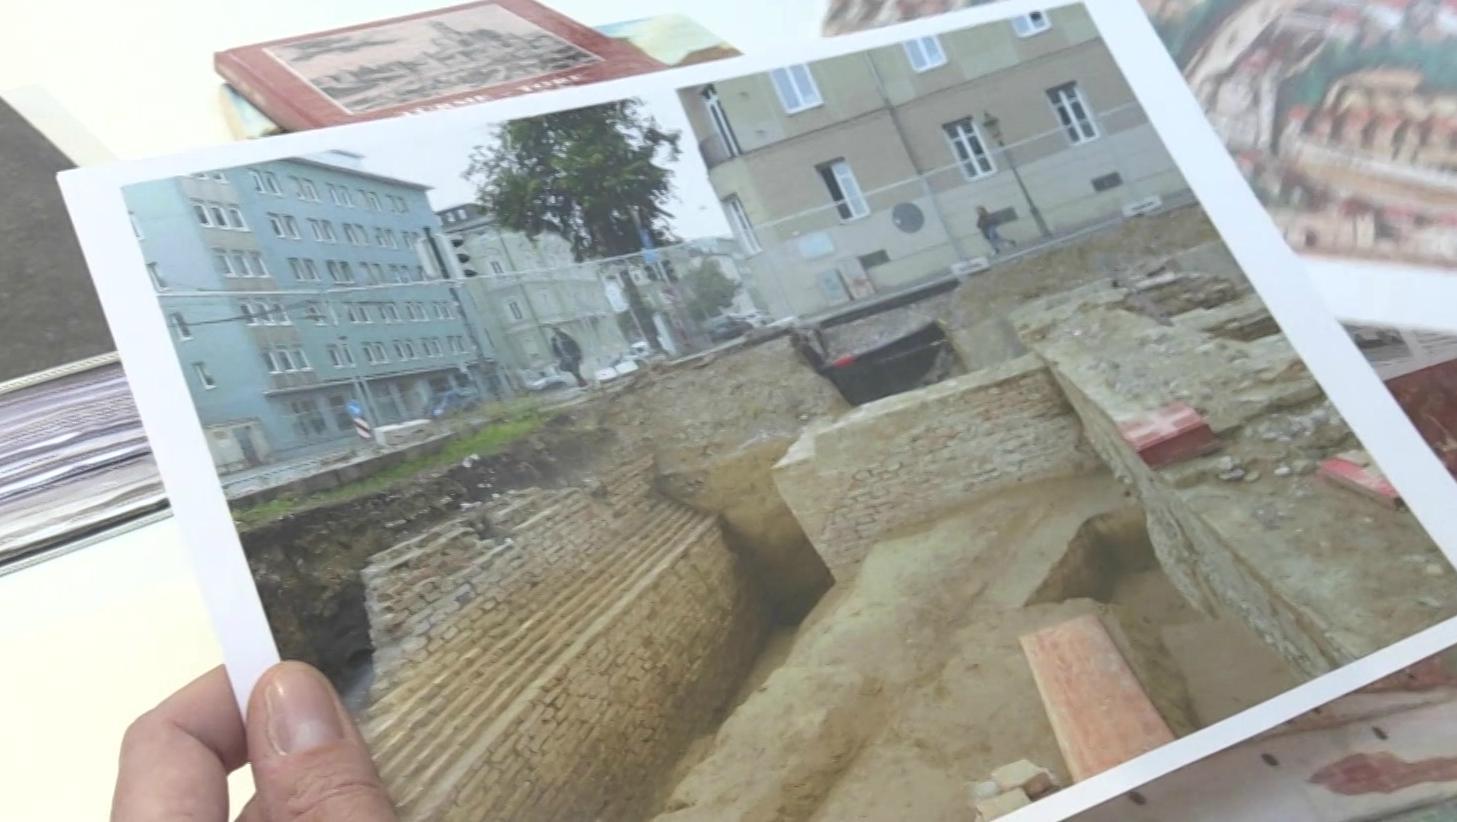 Bild von den Mauerfunden in Augsburg